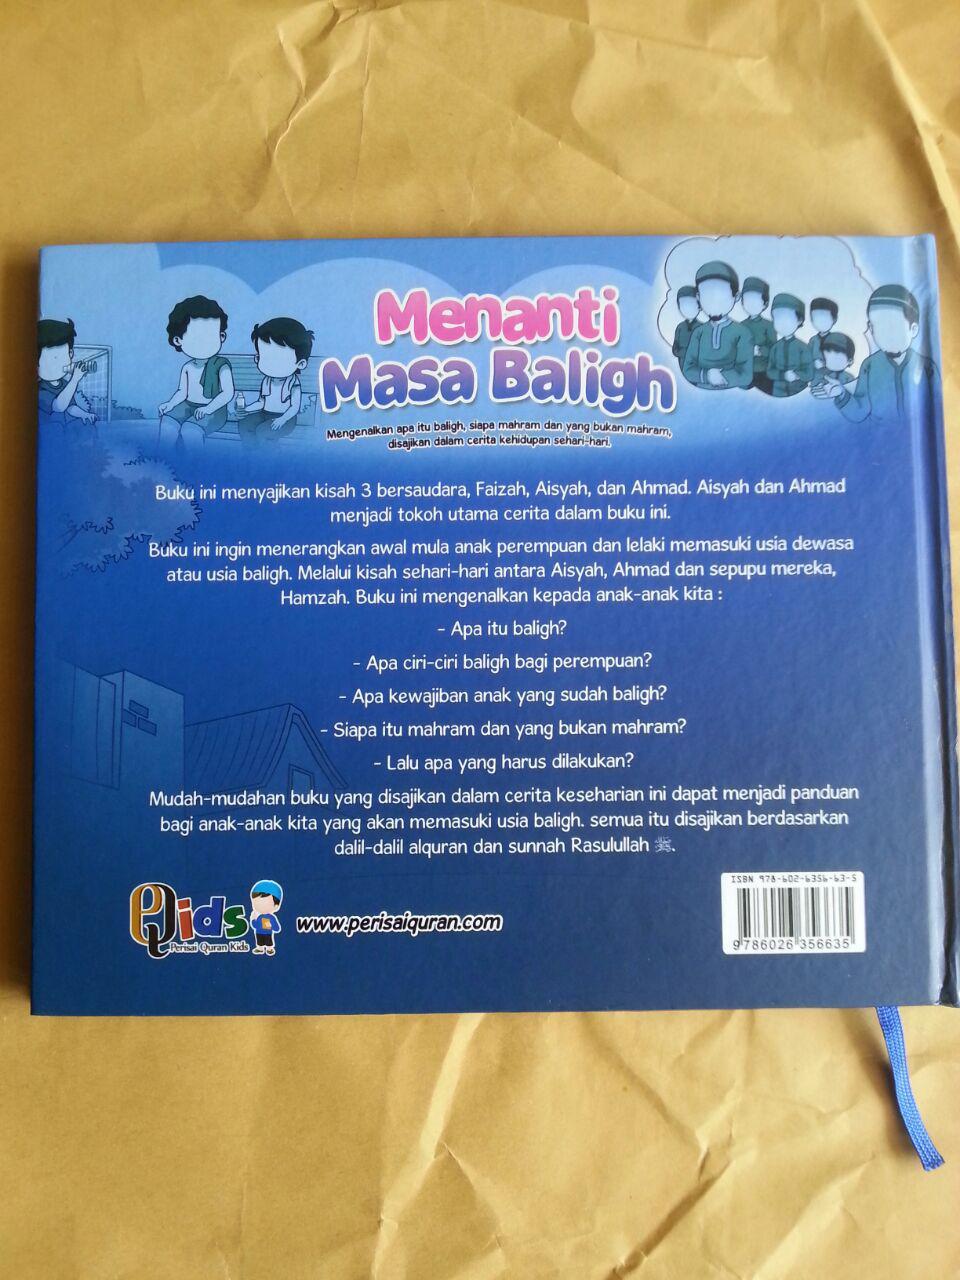 Buku Anak Menanti Masa Baligh Mengenalkan Baligh Mahram Dalam Cerita cover